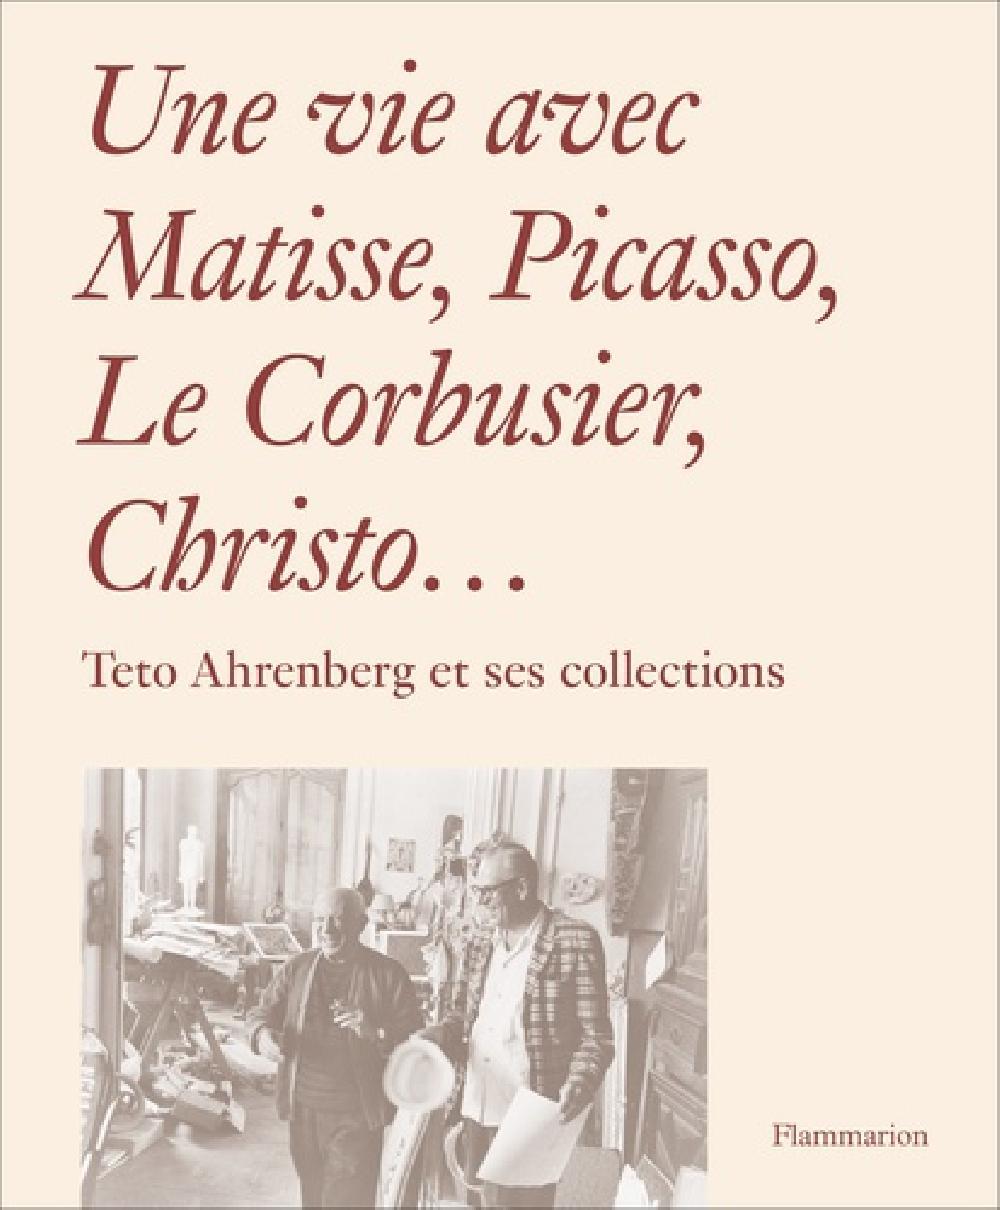 Une vie avec Matisse, Picasso, Le Corbusier, Christo... - Teto Ahrenberg et ses collections